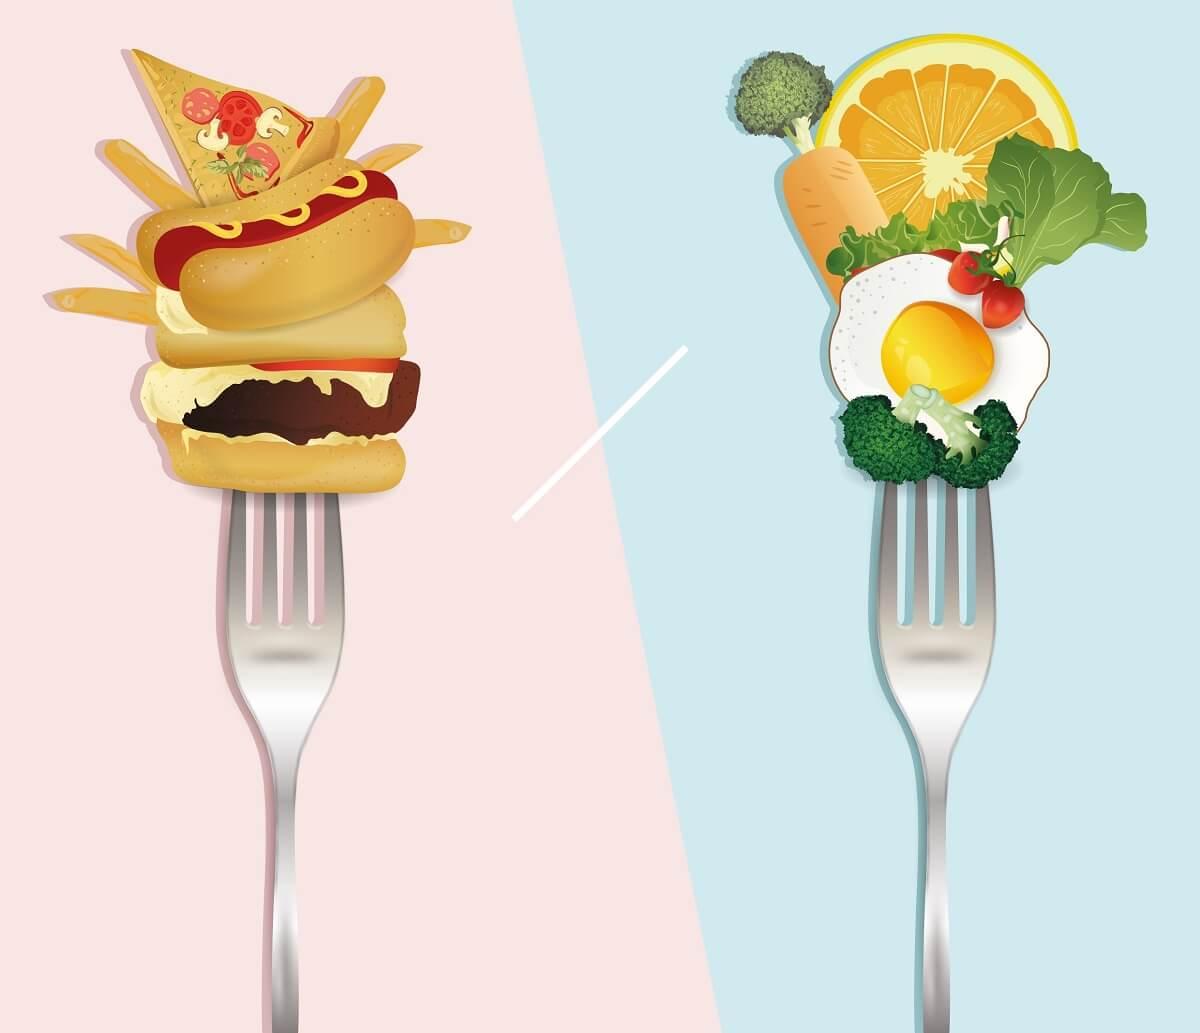 qual è la differenza tra dieta e nutrizione